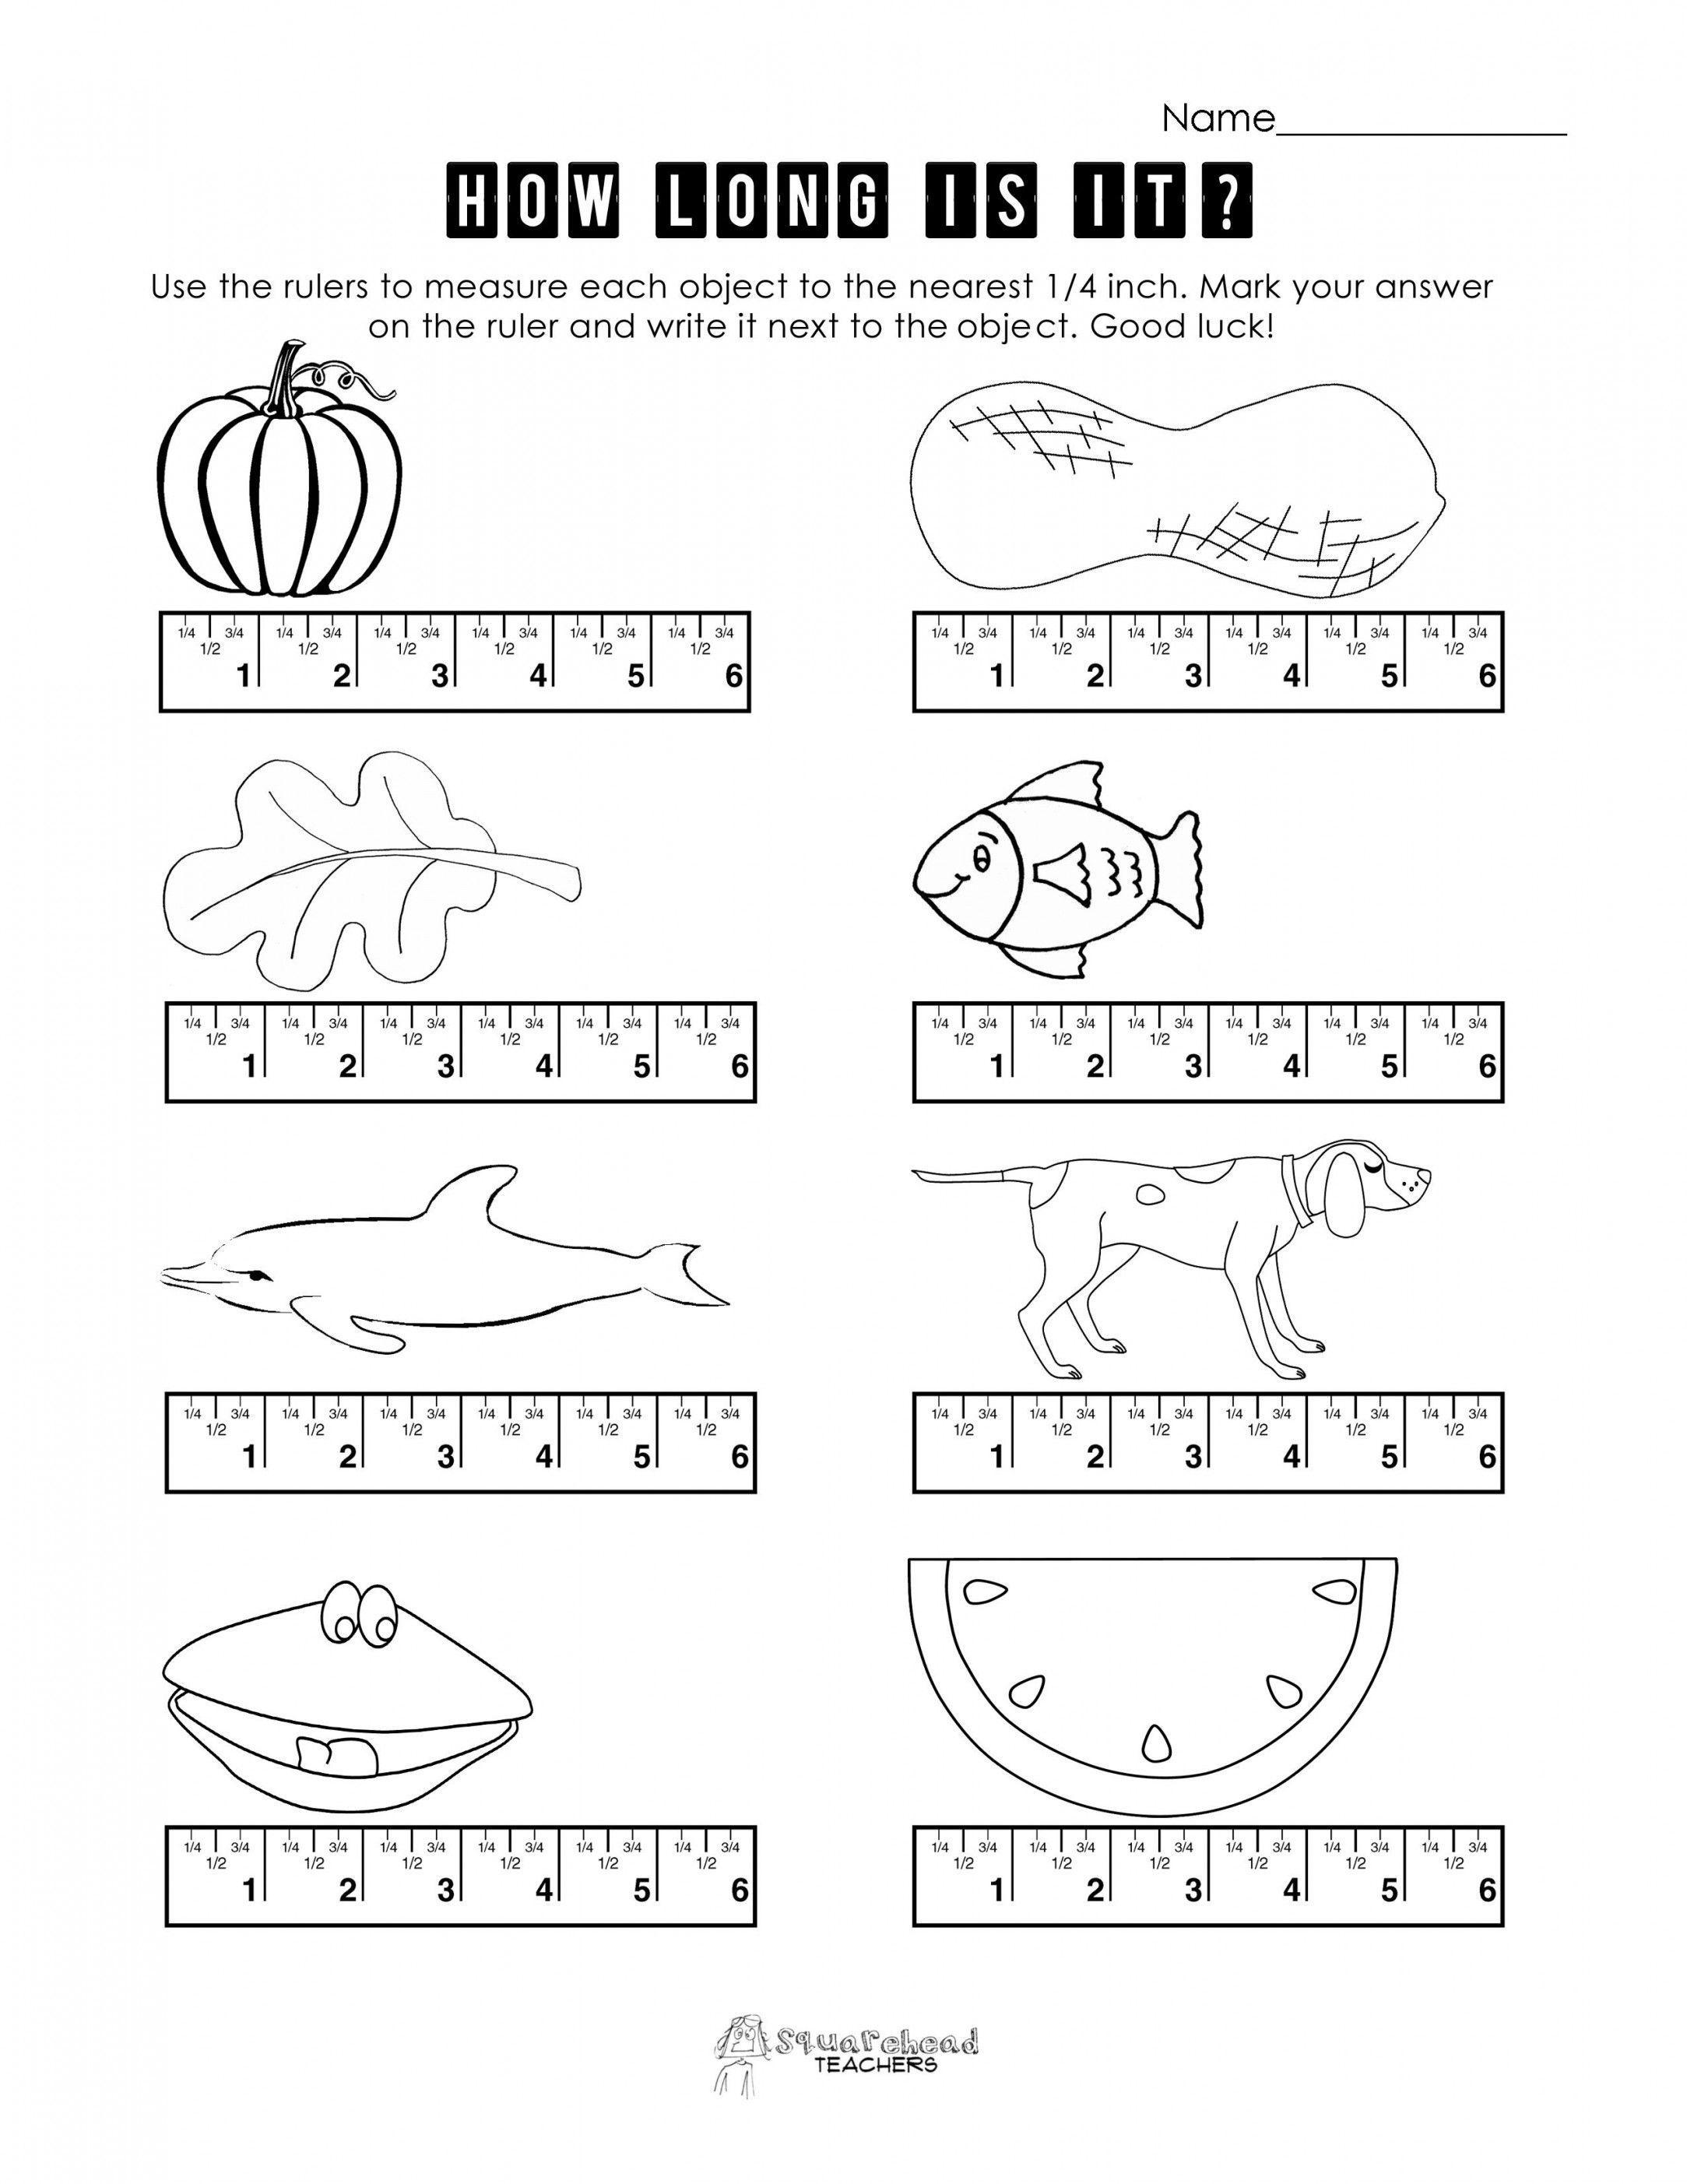 Free Measurement Worksheets Grade 1 | Lostranquillos - Free Printable Measurement Worksheets Grade 1